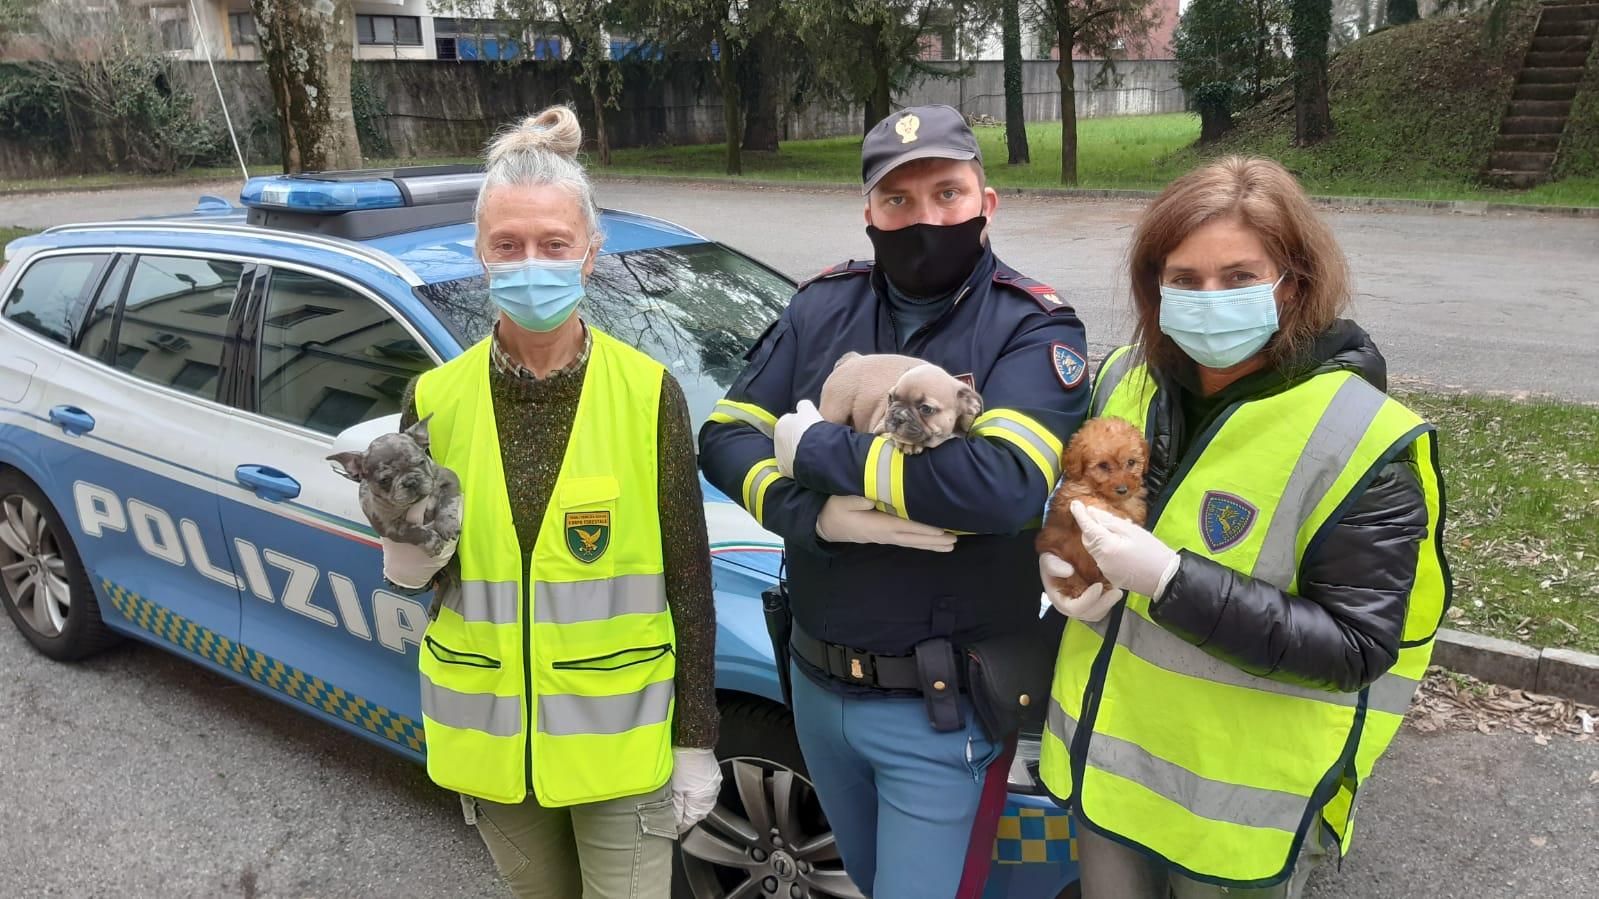 Immagine per Trafficava cuccioli di cane dalla Slovenia, denunciato a Villesse un 46enne